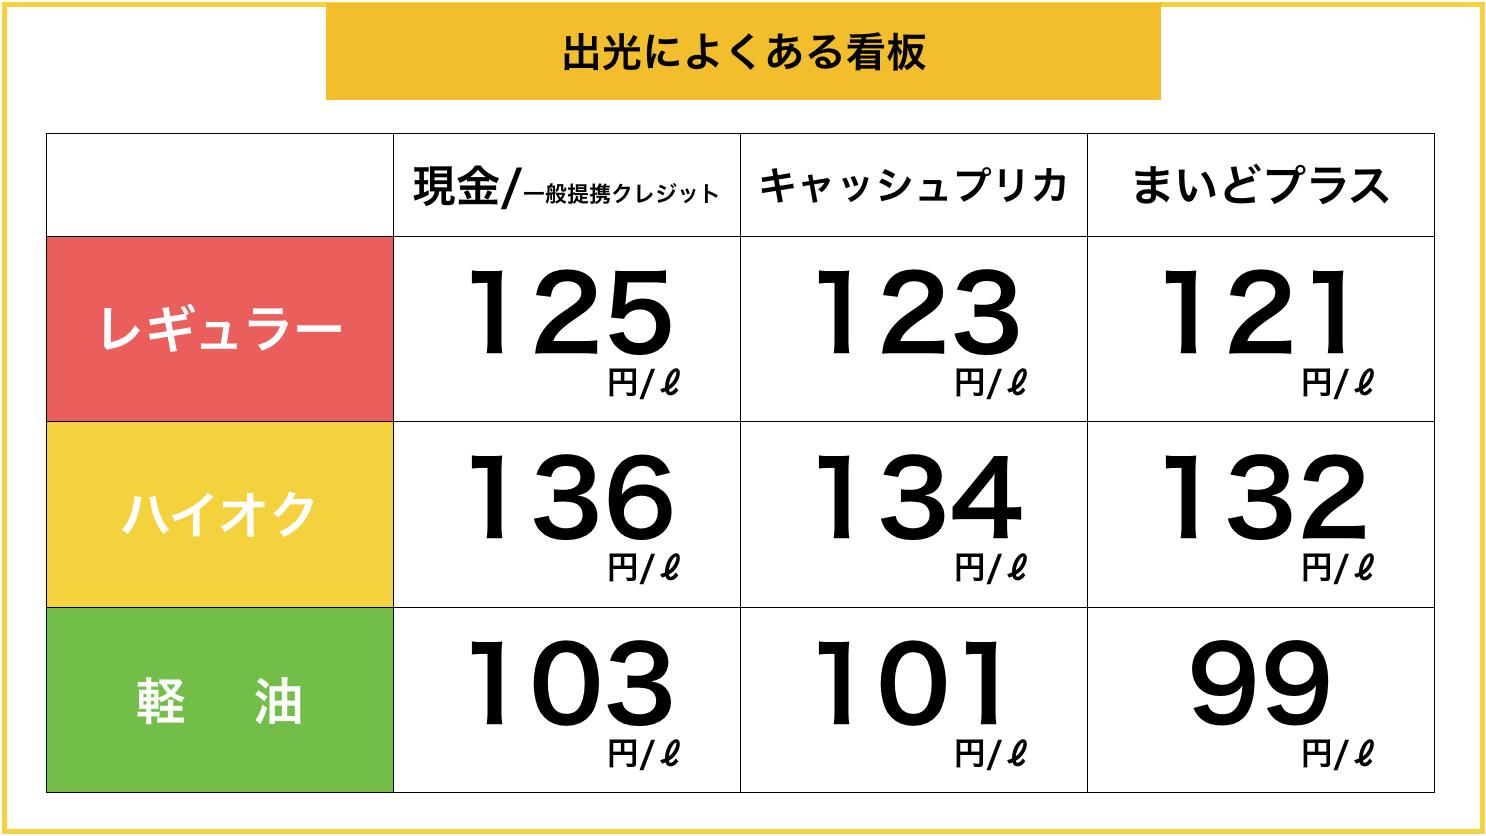 出光スタンドの価格表示例